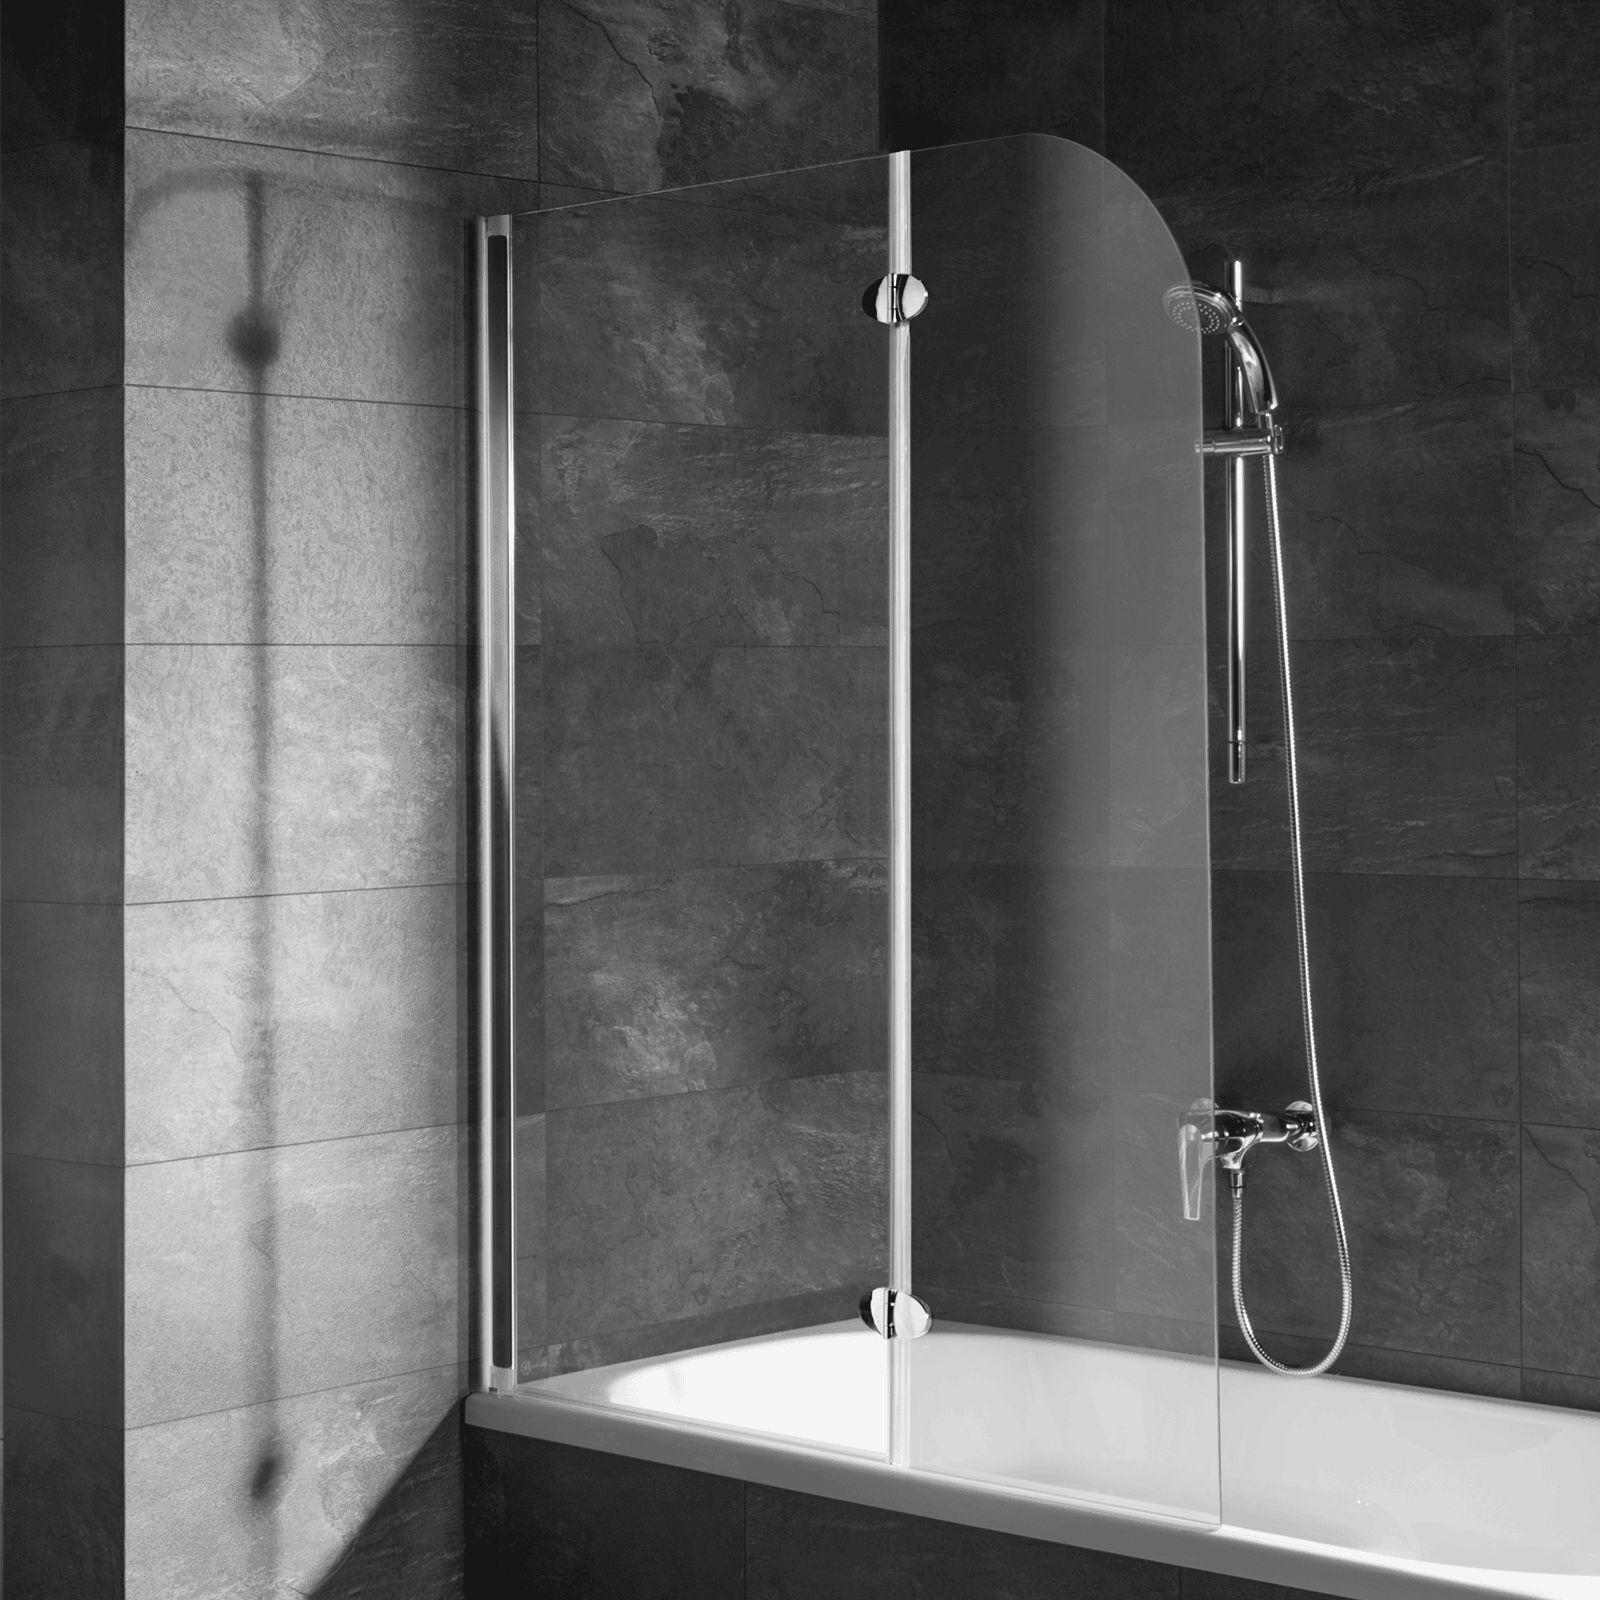 Badewannenaufsatz Faltwand Duschabtrennung Schulte Badewannenfaltwand 2-teilig